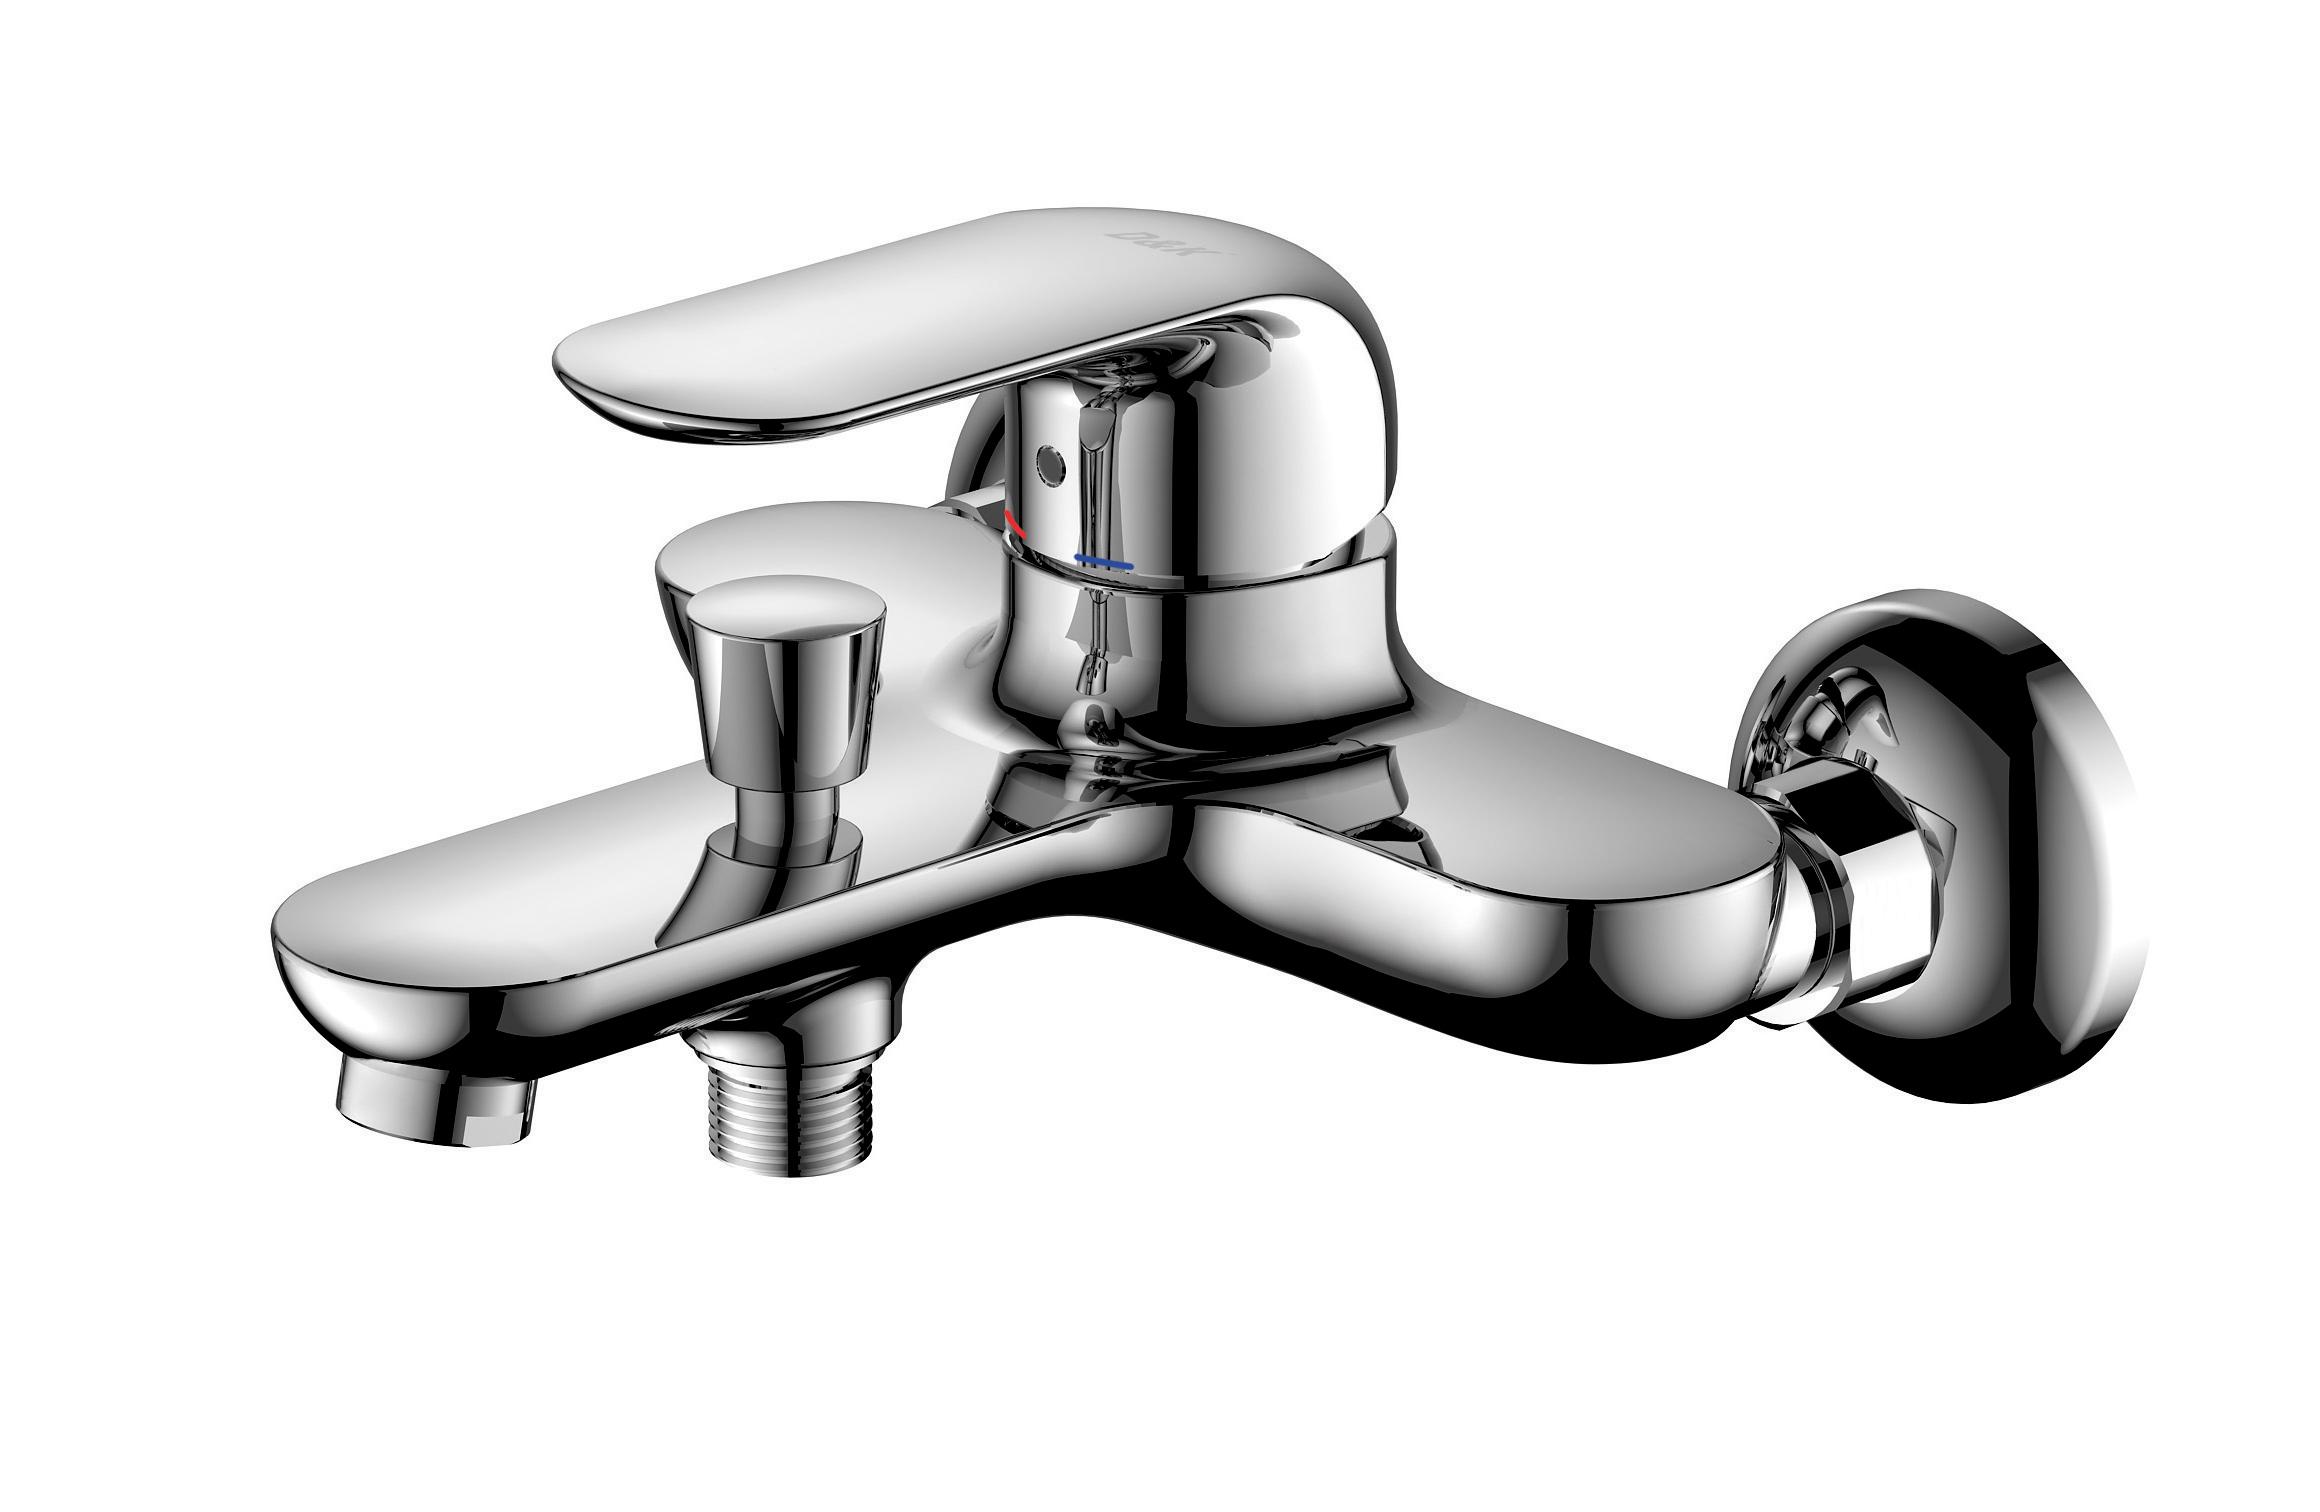 Смеситель для ванны с душем D&K Venice.Gondola DA1023201 короткий излив хром